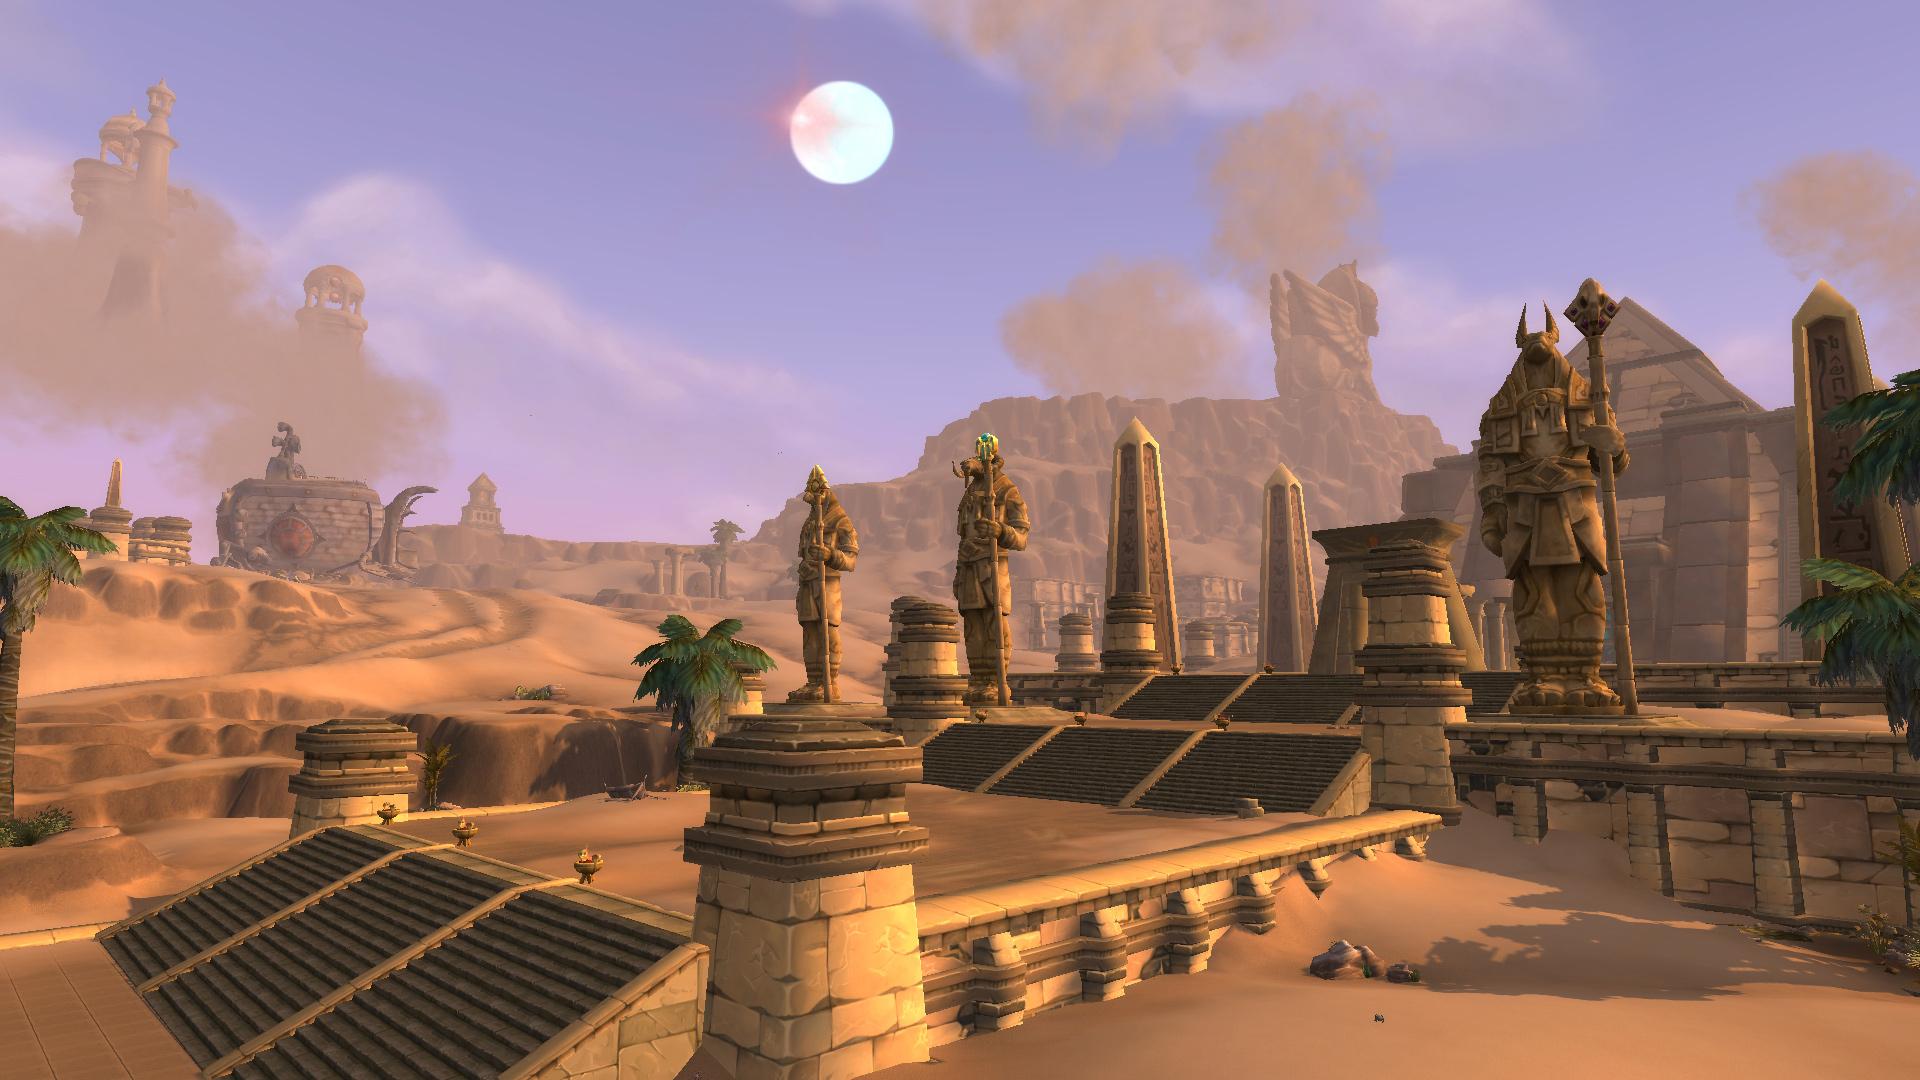 Le désert d'Uldum dans World of Warcraft